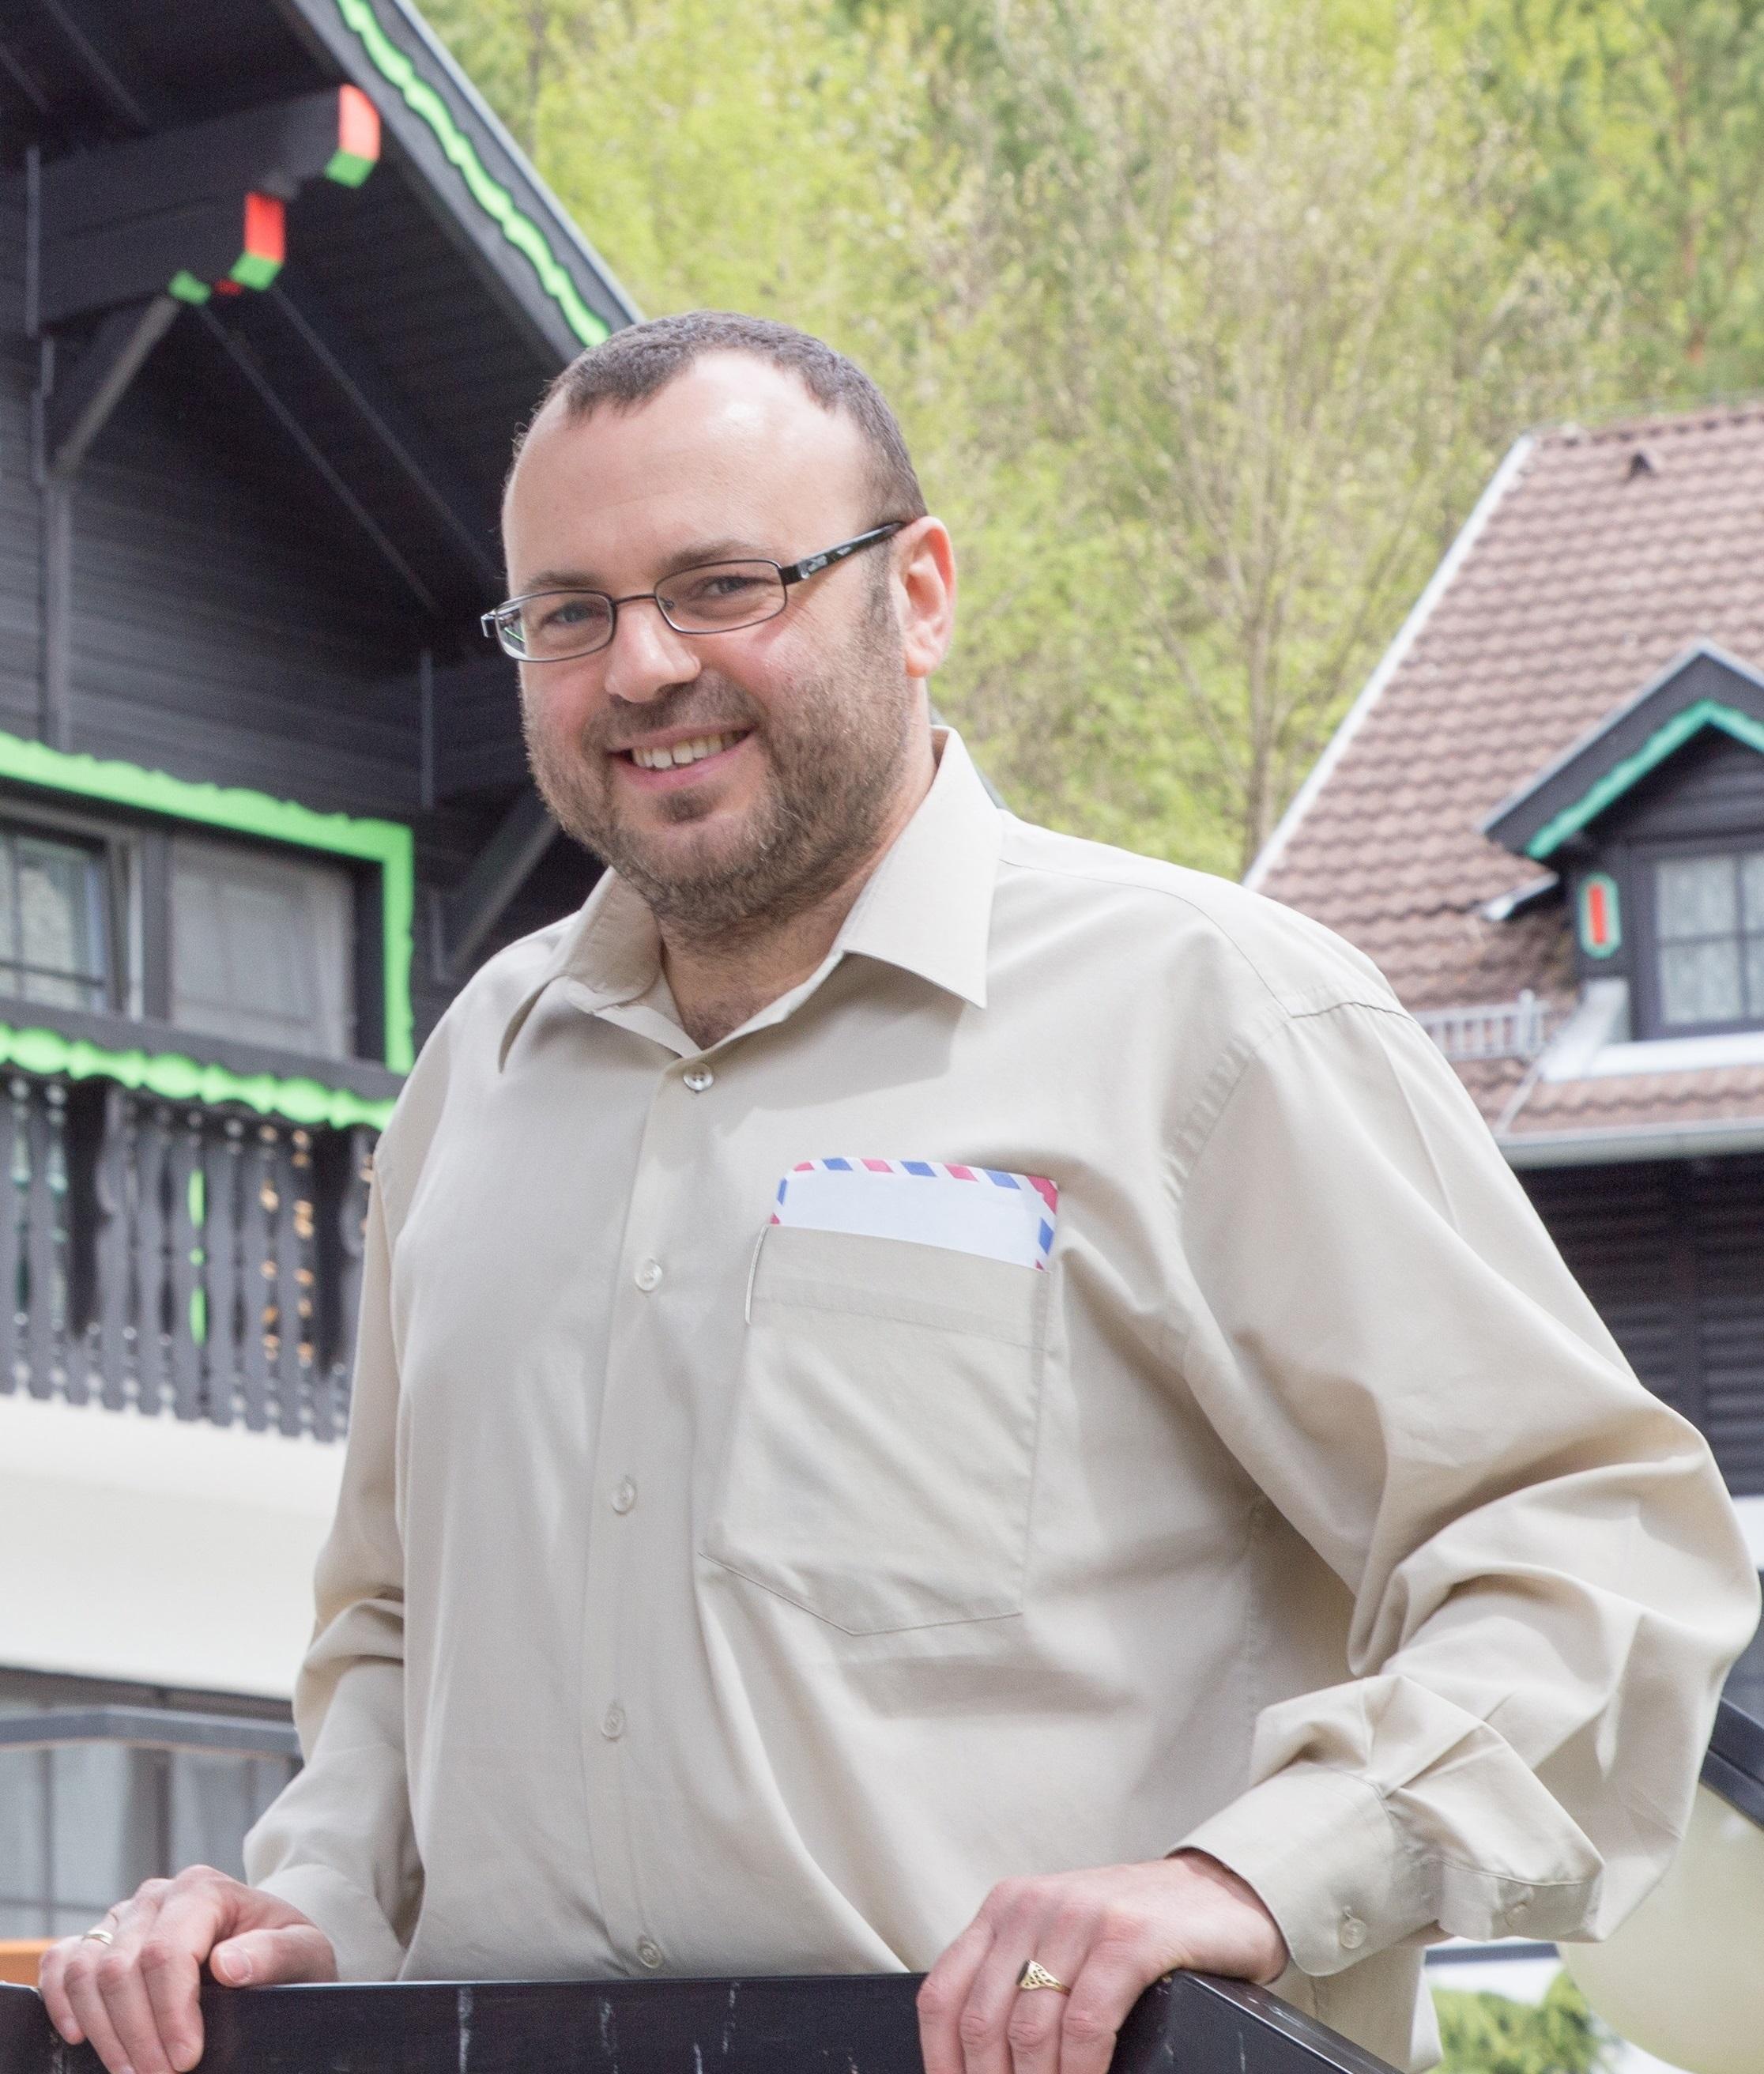 Andrey Puzynin Associate Professor of Practical Theology